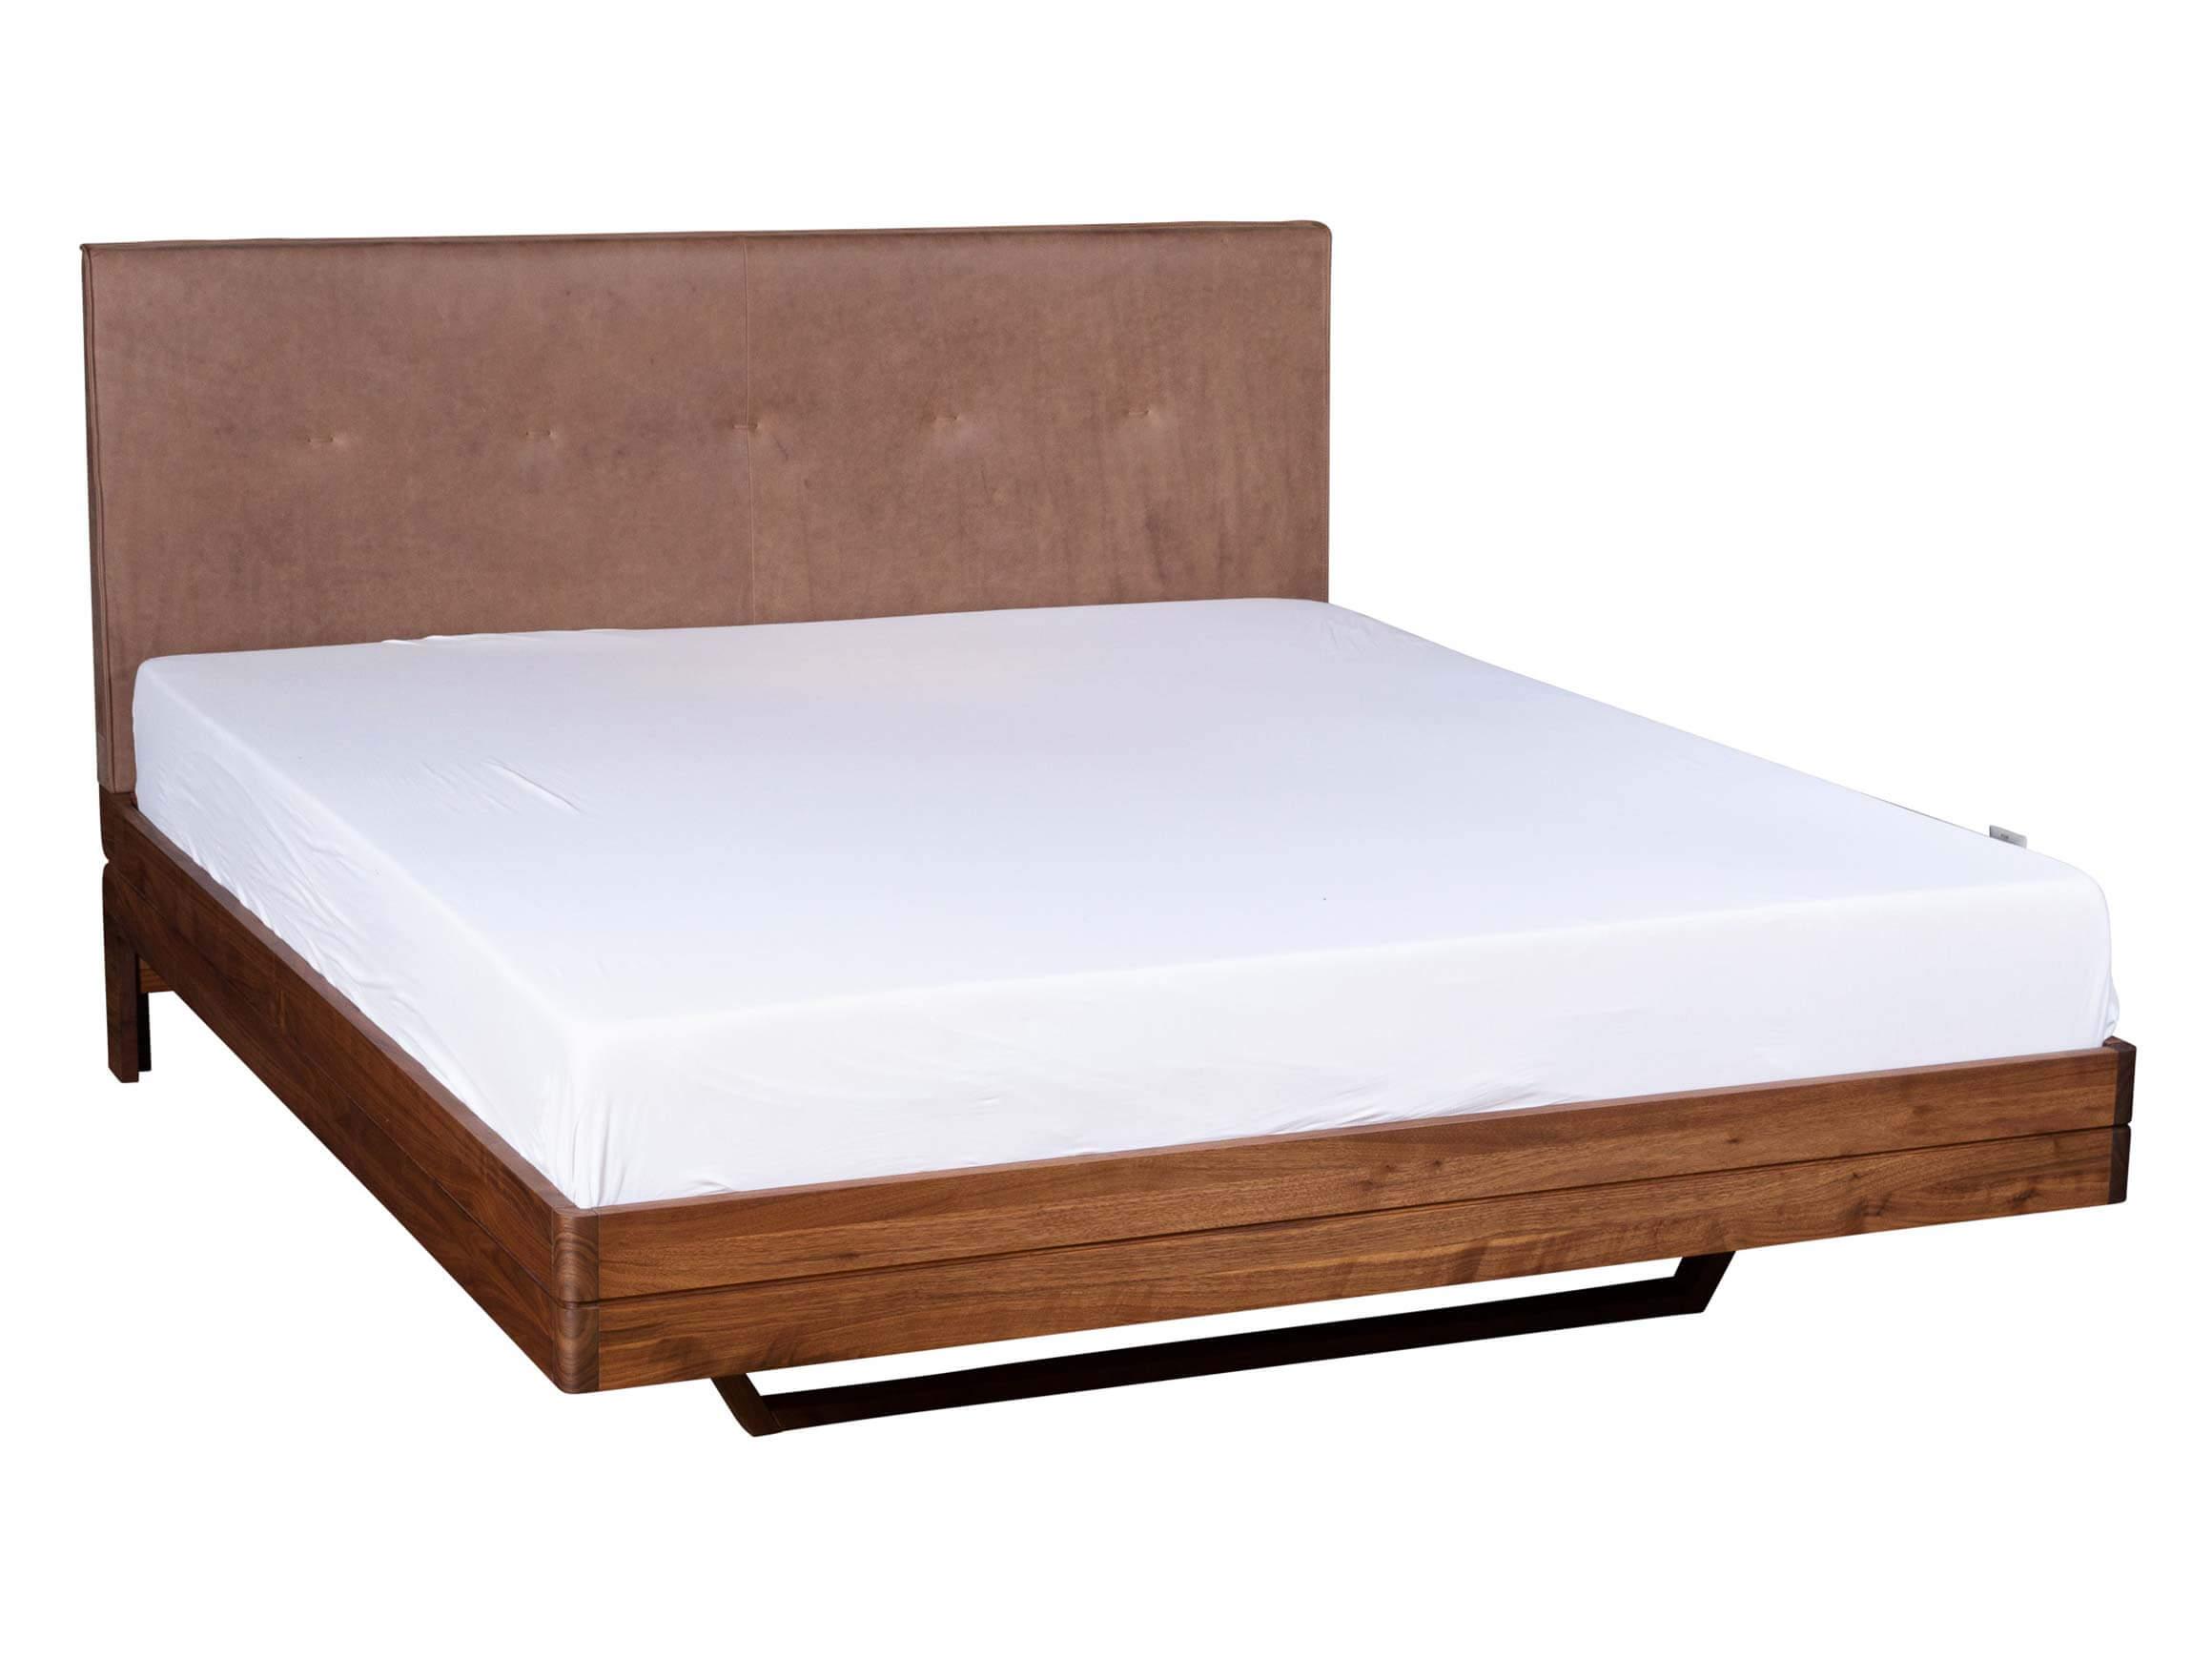 Full Size of Bett Float Betten Günstig Kaufen 180x200 120 X 200 Leander 160x220 Stapelbar Mit Stauraum Ikea 160x200 Japanisches Steens Ebay Nussbaum Landhausstil Bett Bett Nussbaum